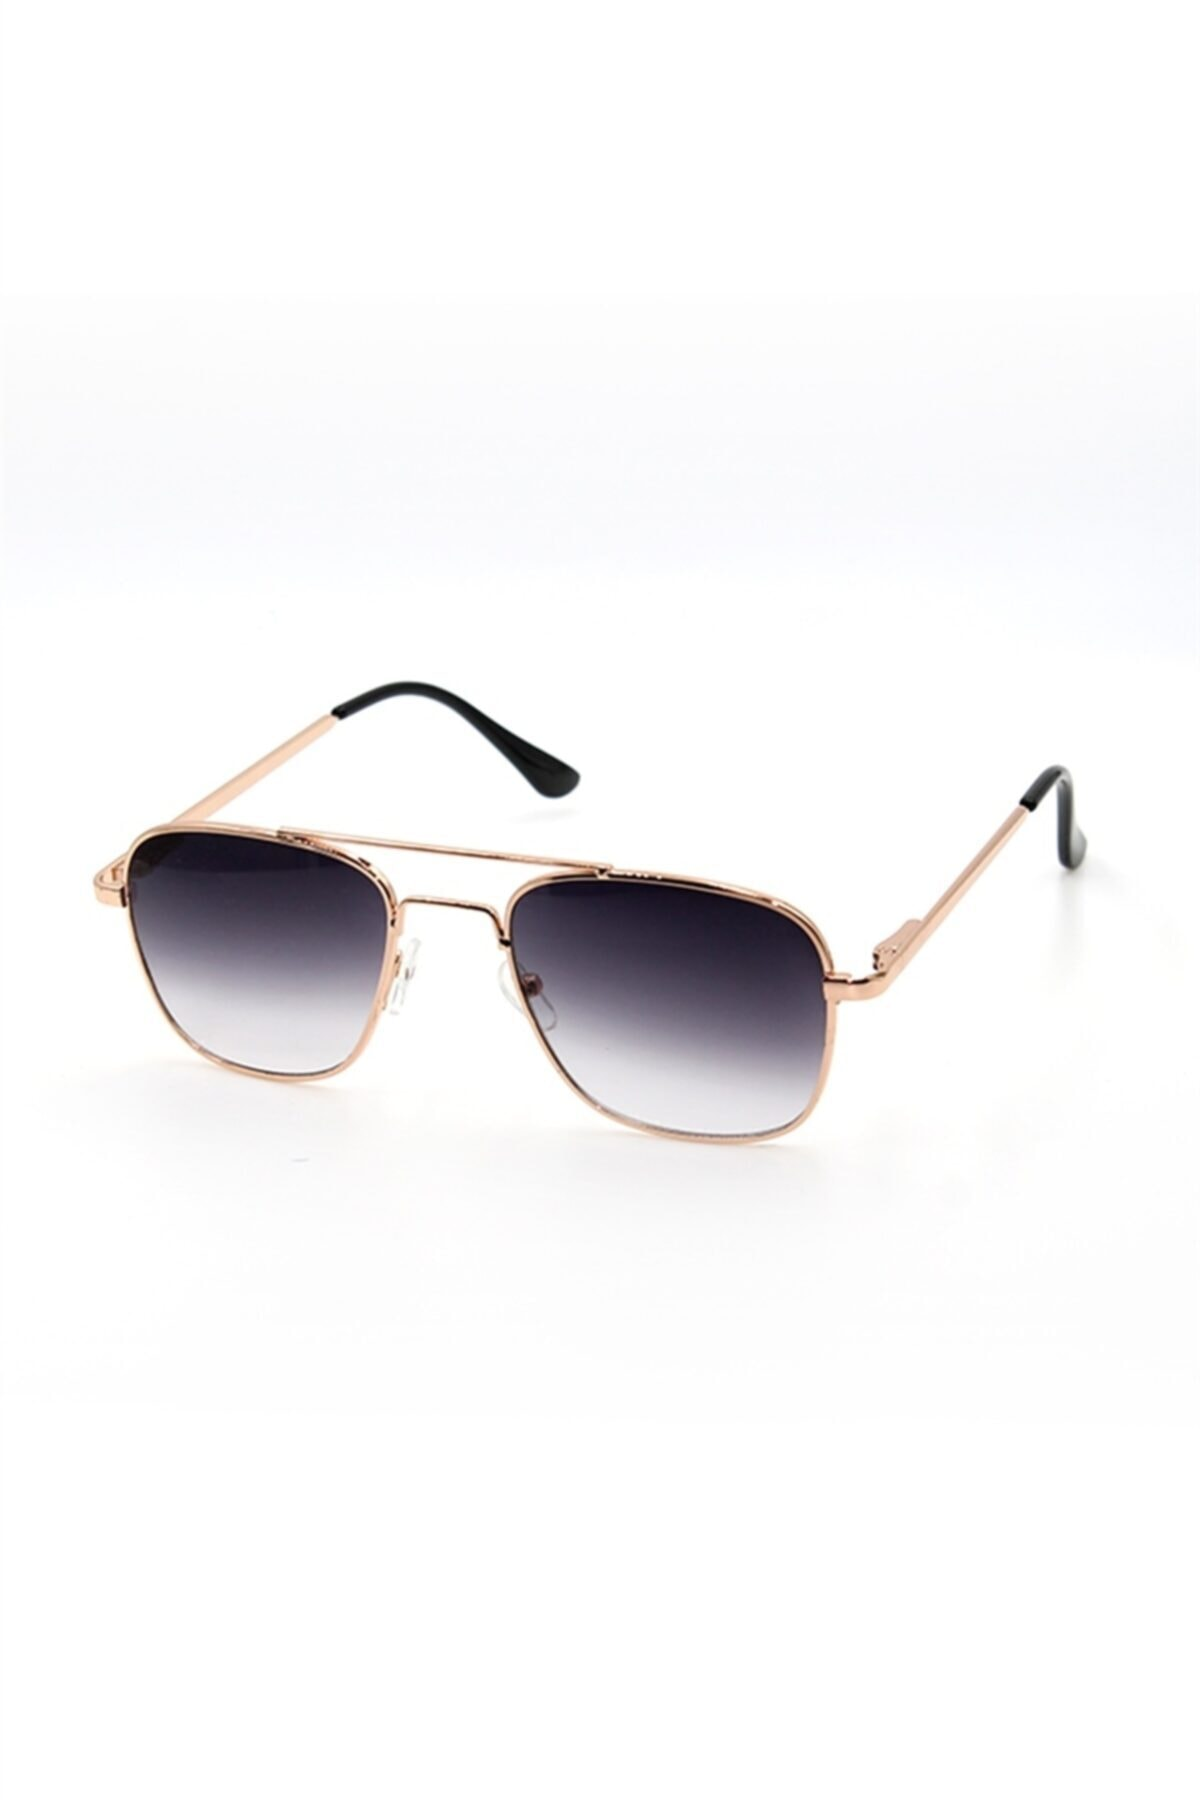 خرید نقدی عینک آفتابی یونیسکس  برند Silvio Monetti رنگ مشکی کد ty97238437